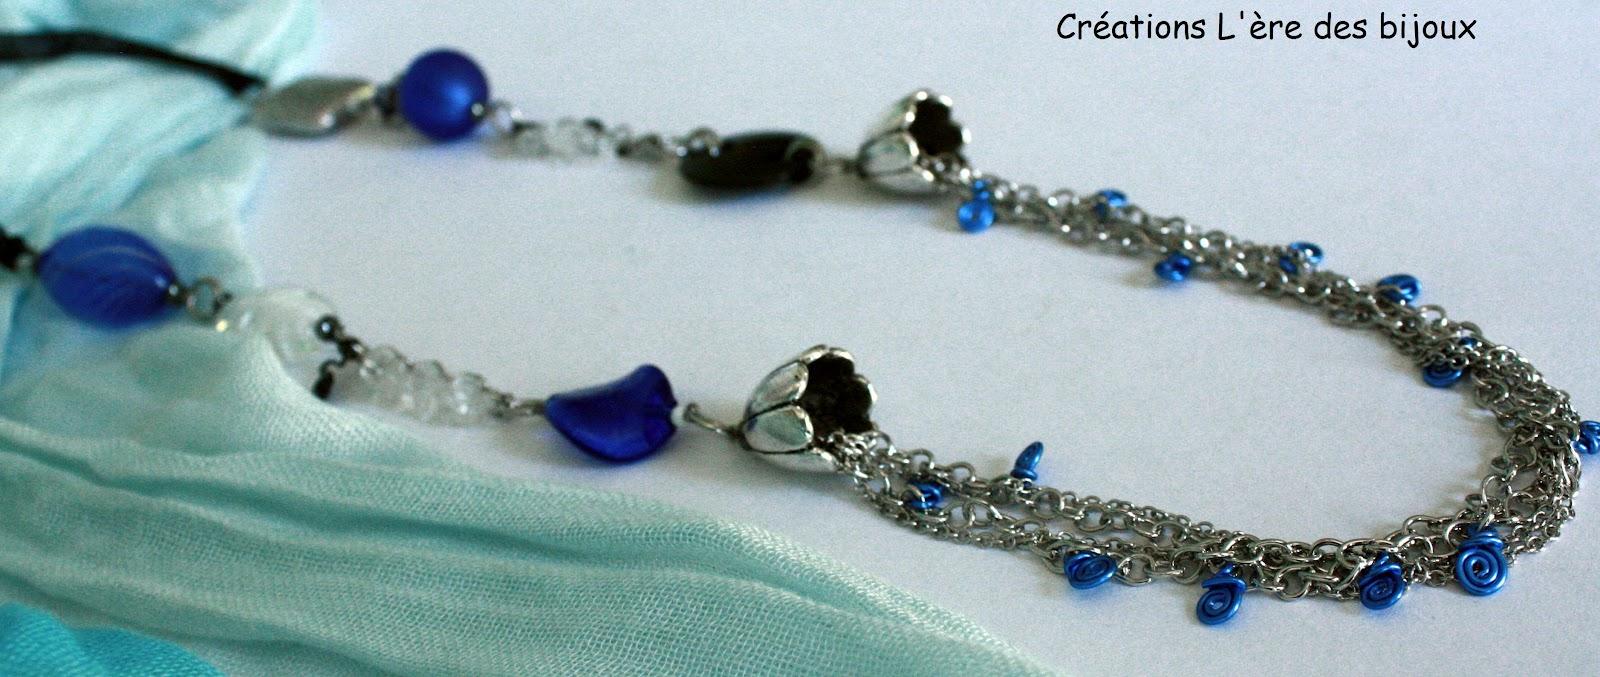 L 39 Re Des Bijoux Un Collier Long Dans Les Teintes De Bleu